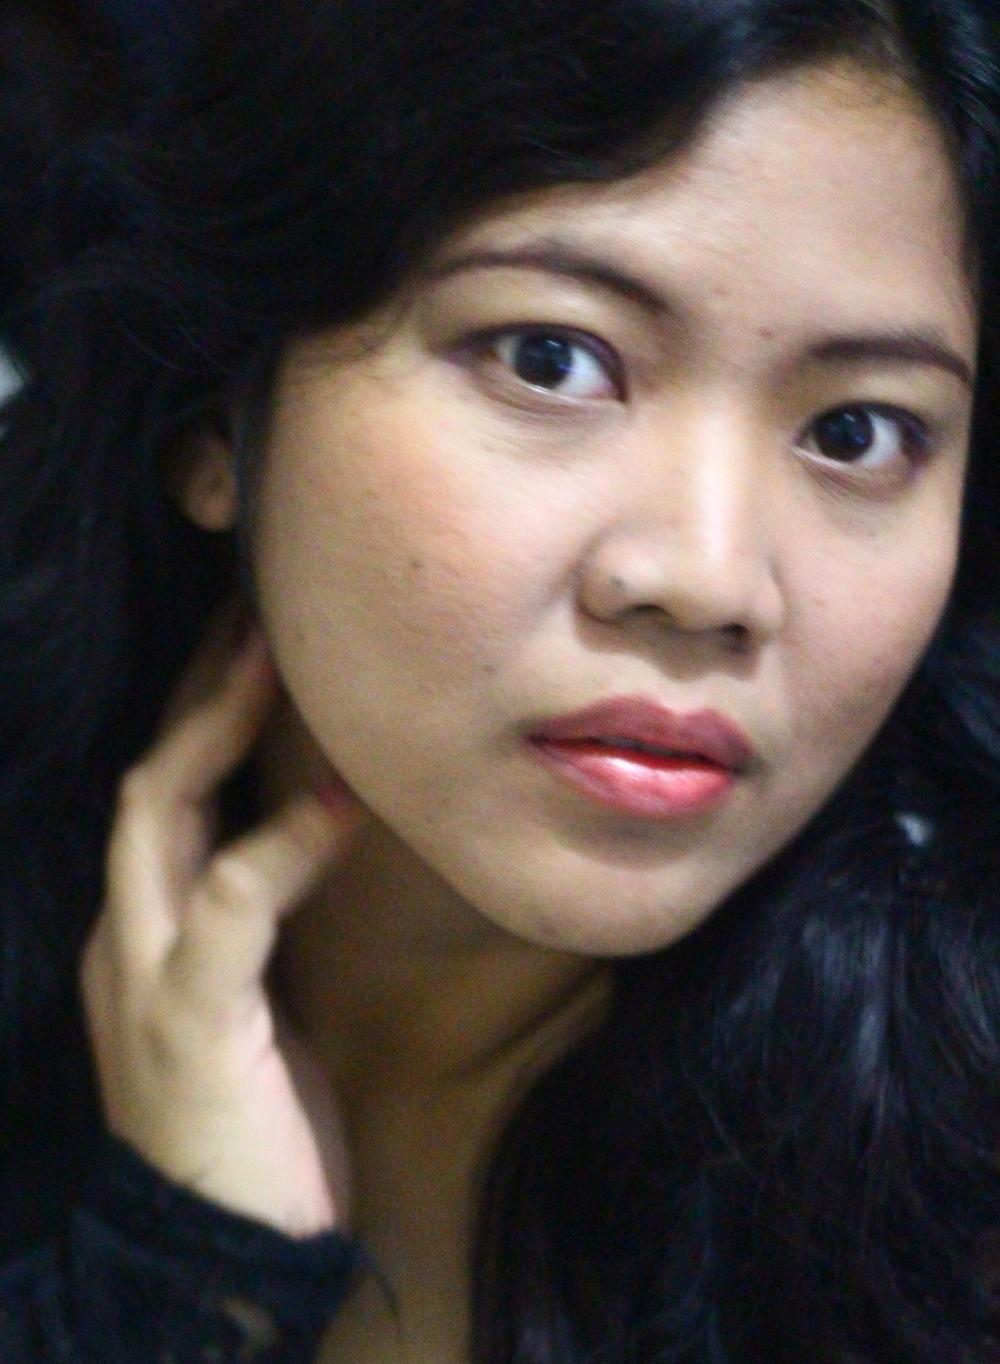 A bit of make up